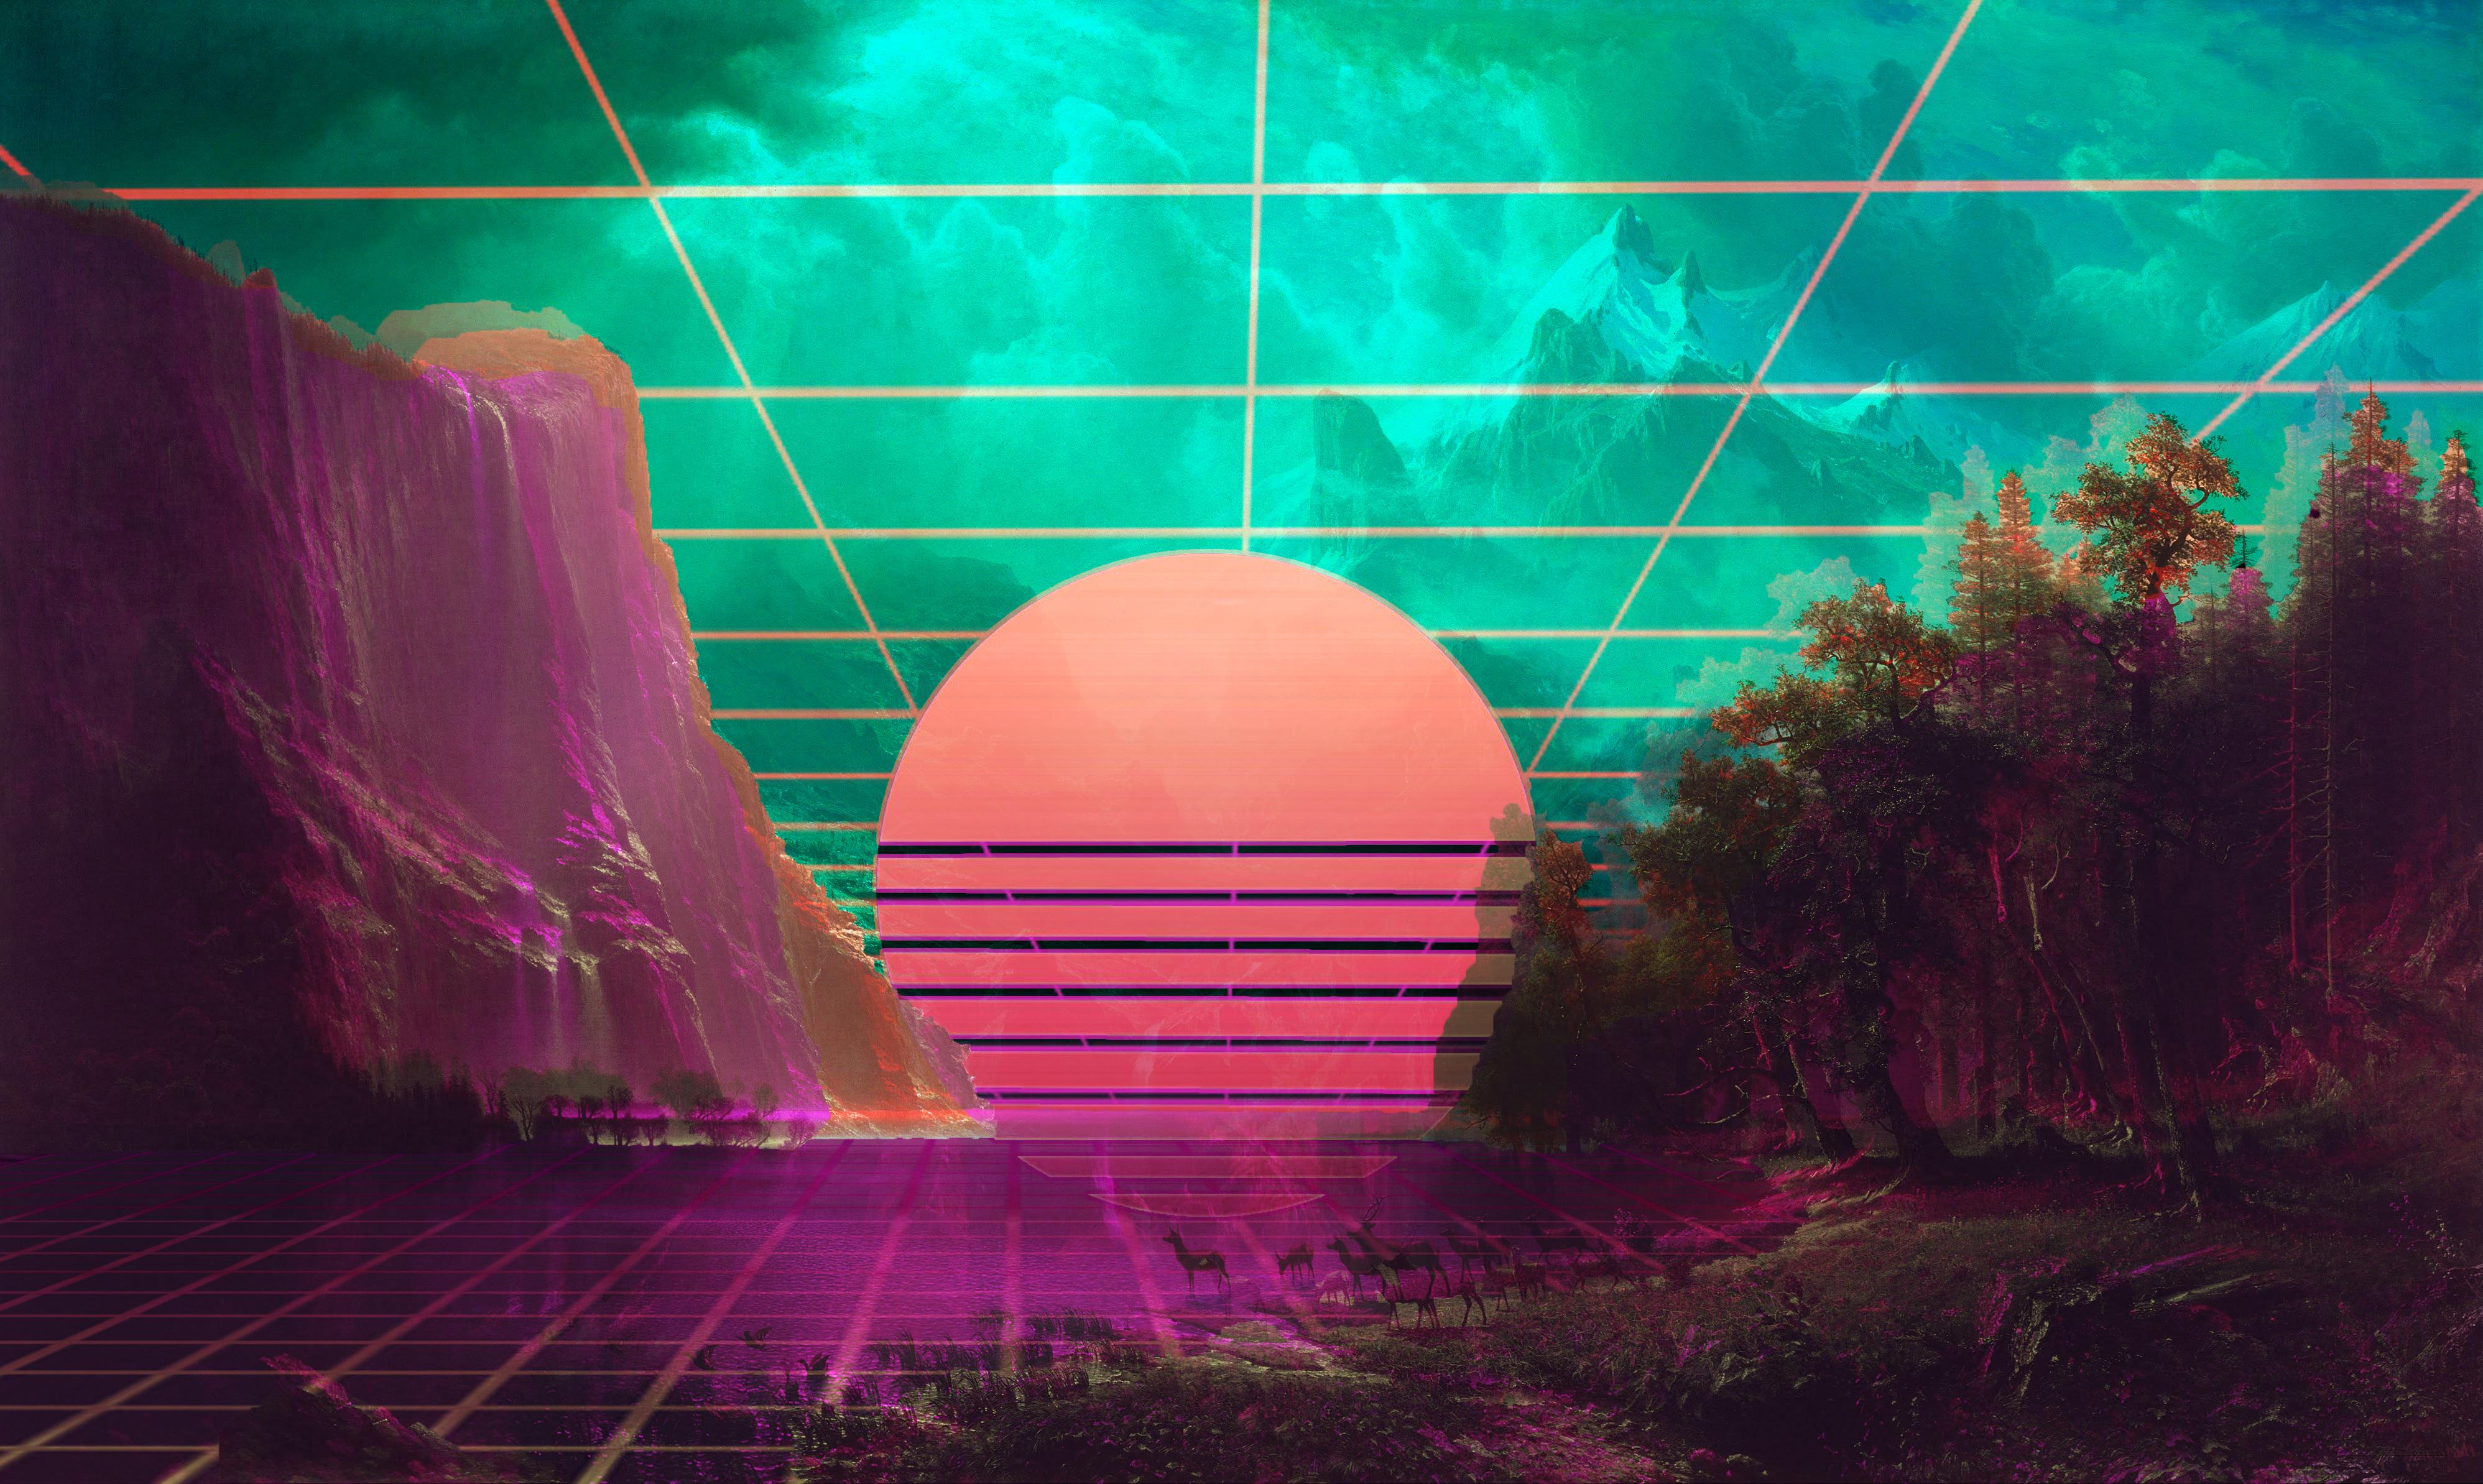 Vaporwave 4k, HD Artist, 4k Wallpapers, Images ...